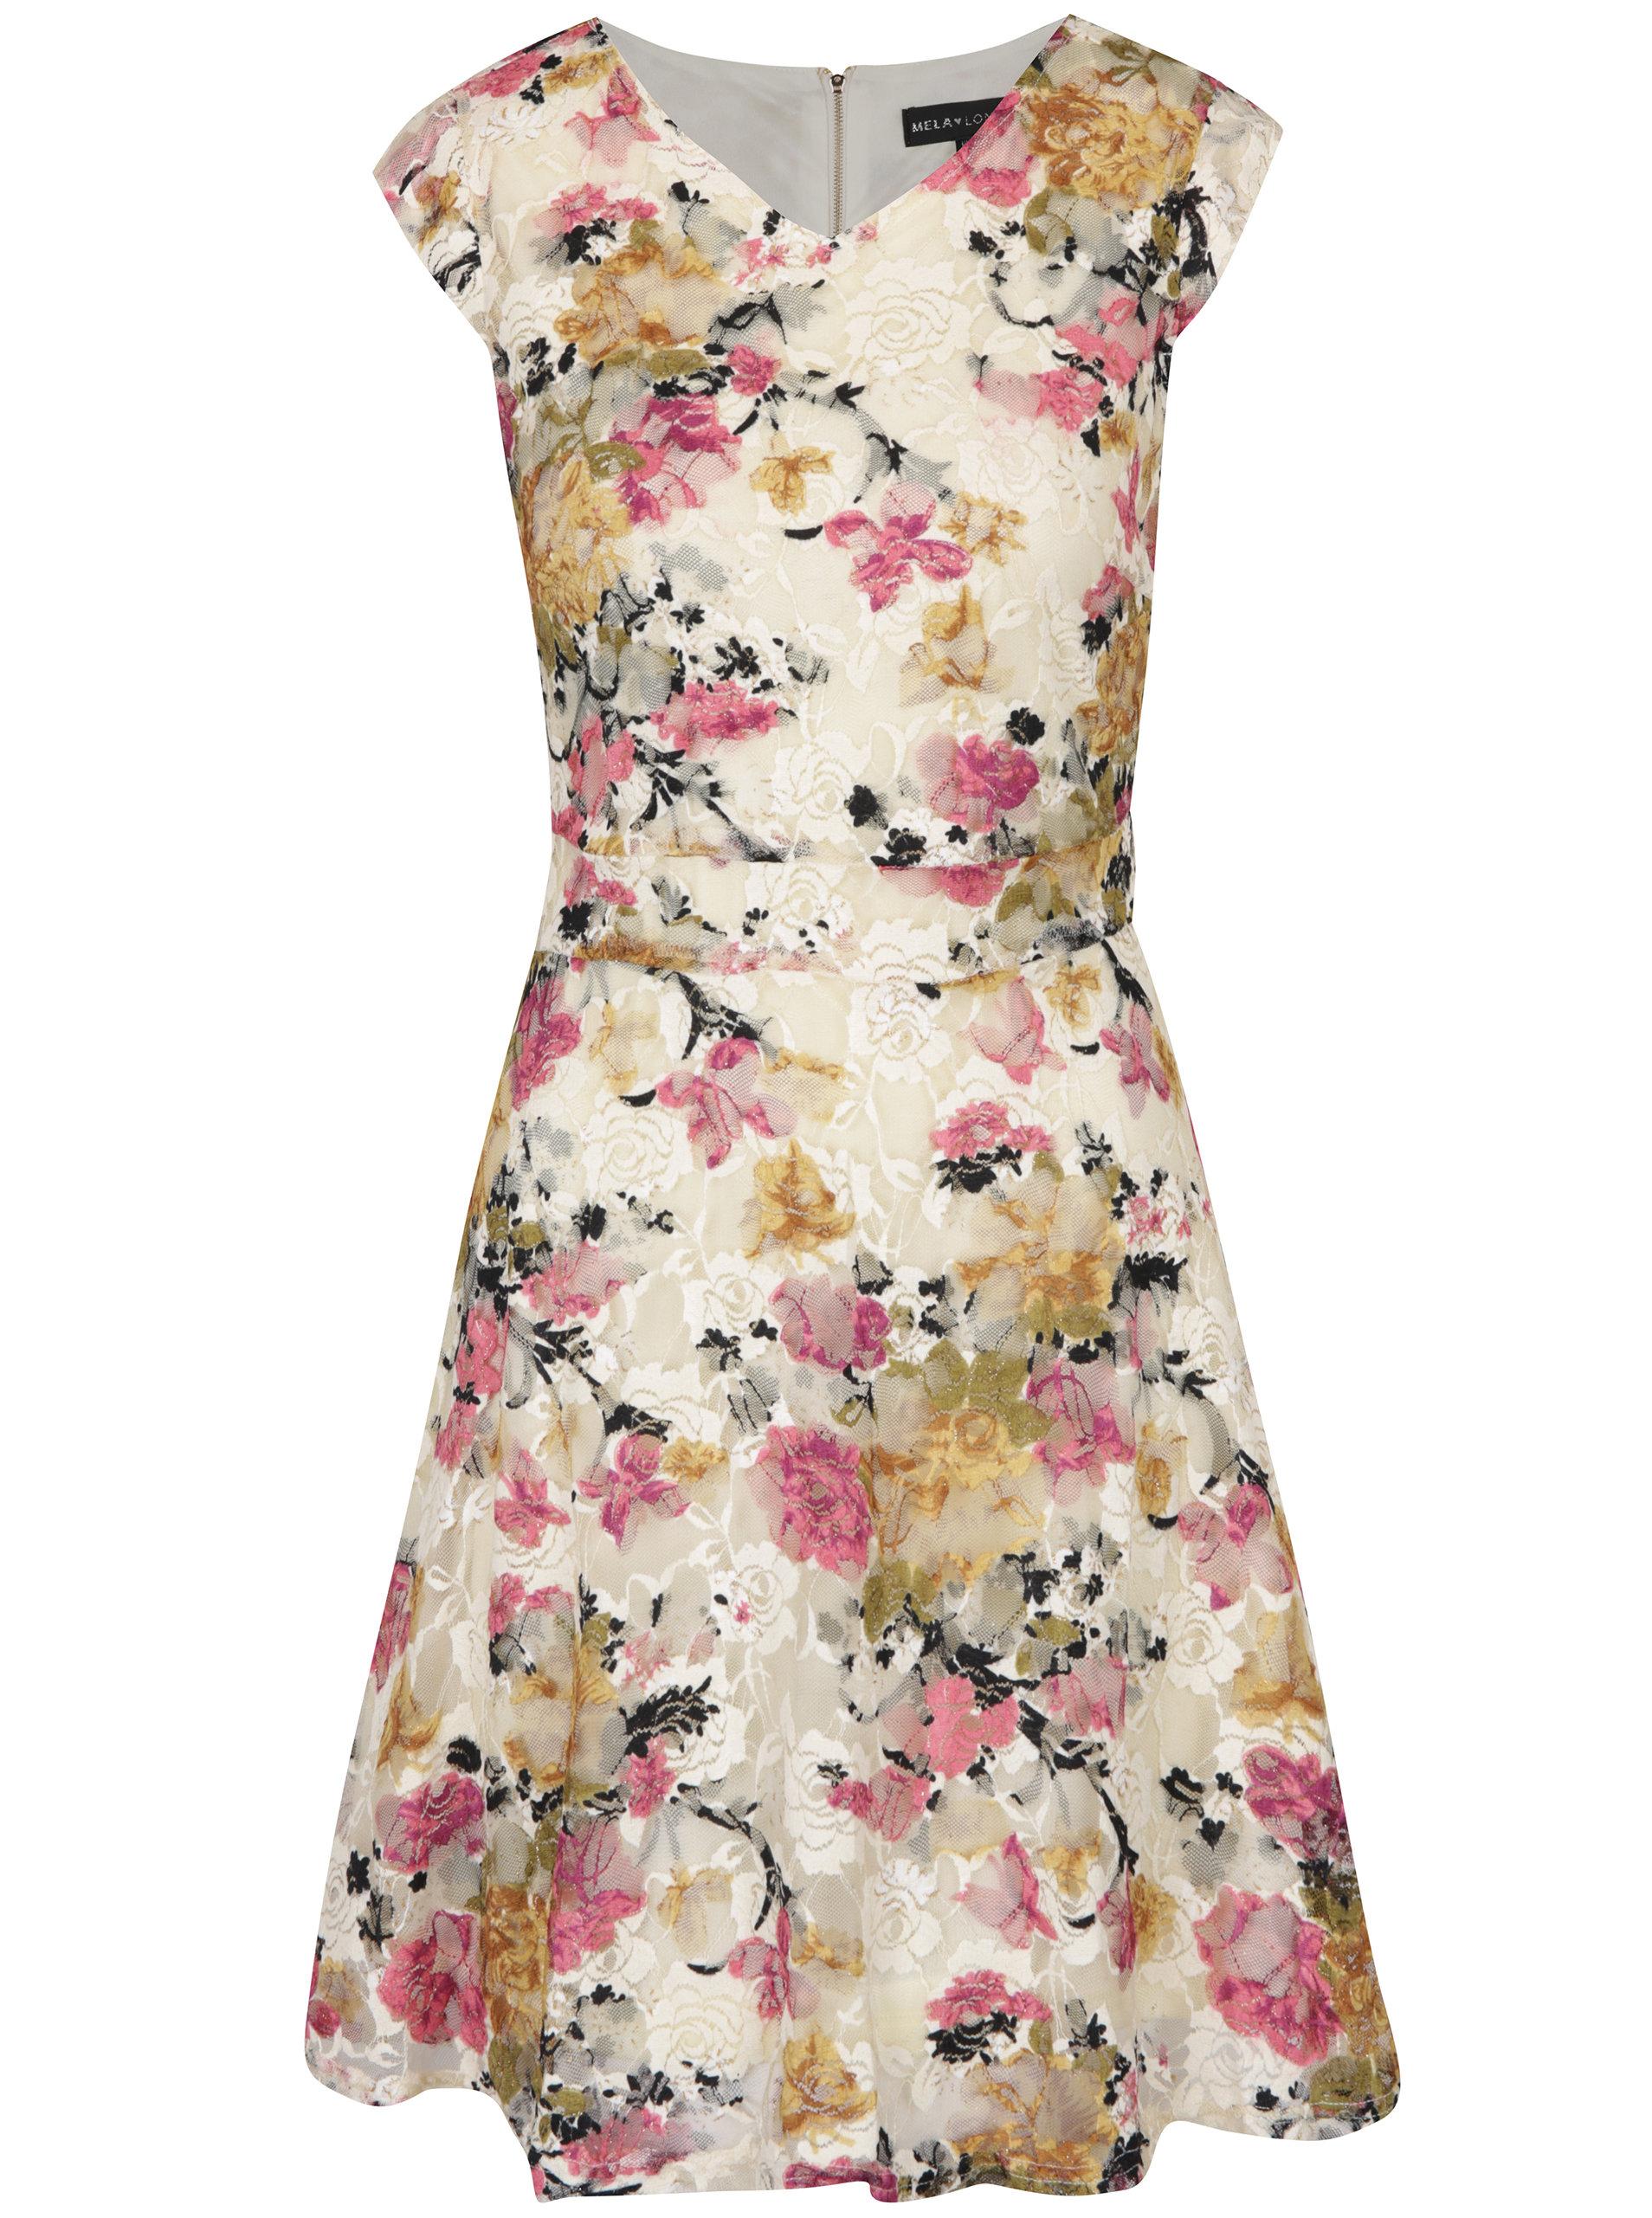 Béžovo-krémové květované šaty Mela London ... 98bae56c1f0